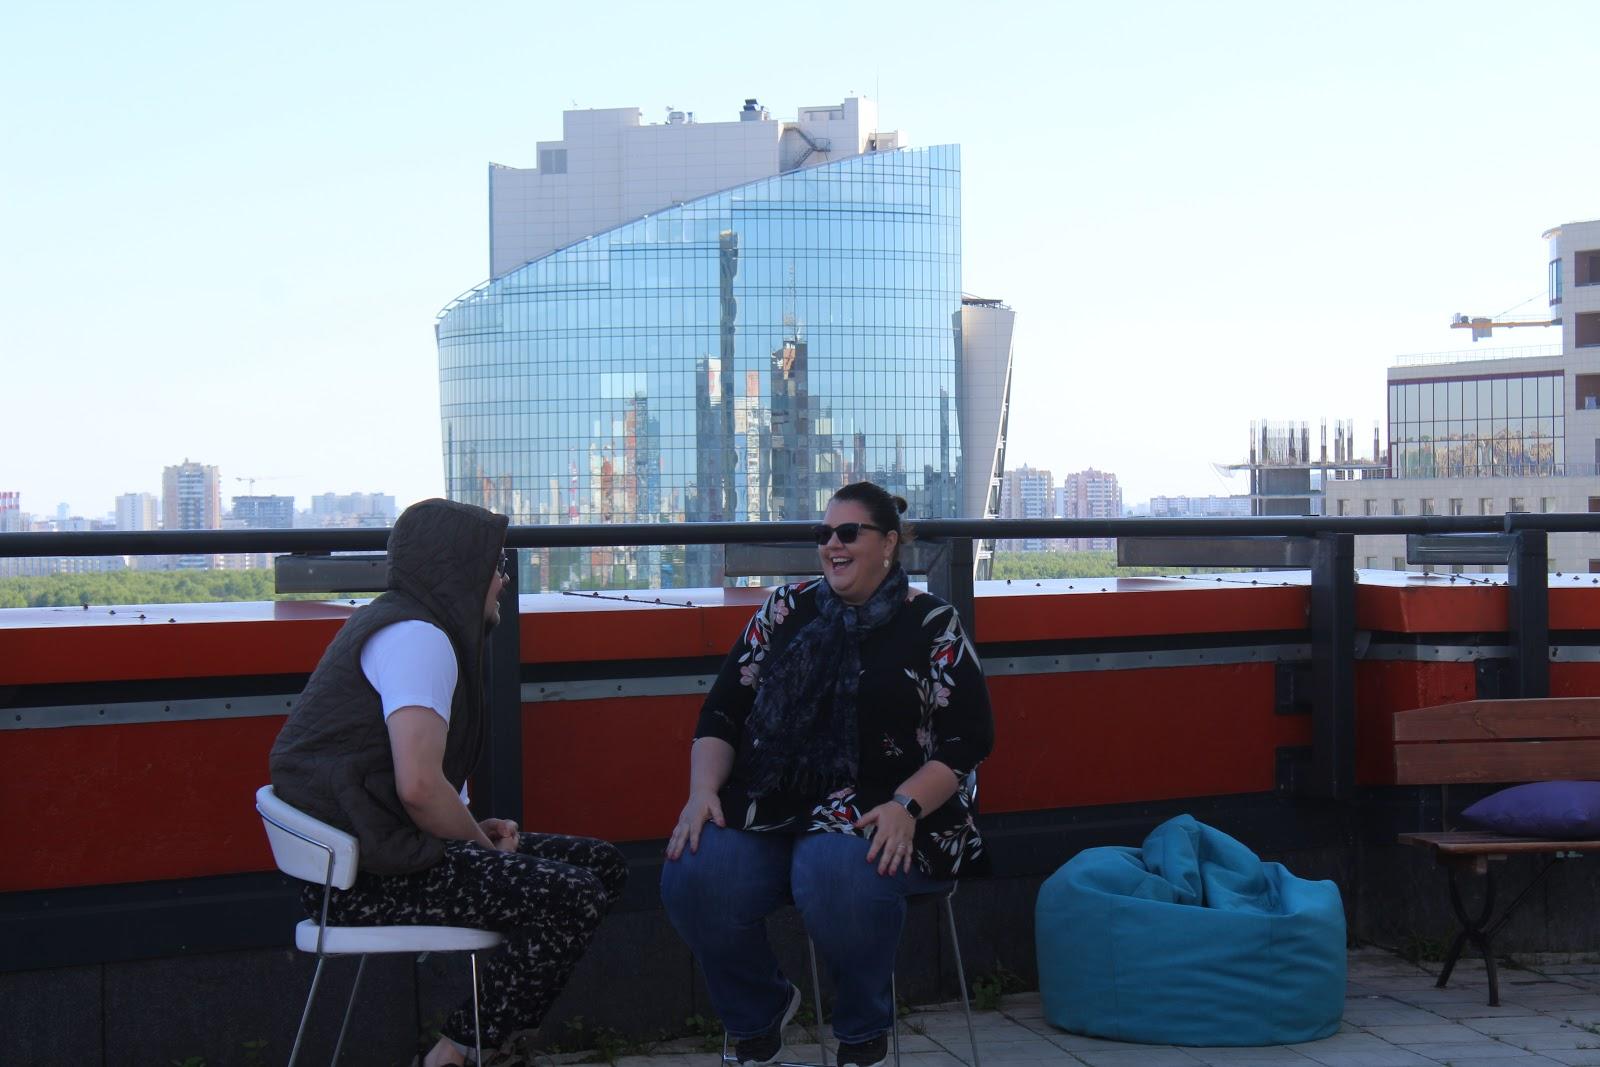 Тот, кто воскресил Duke Nukem: интервью с Рэнди Питчфордом, волшебником из Gearbox - 25